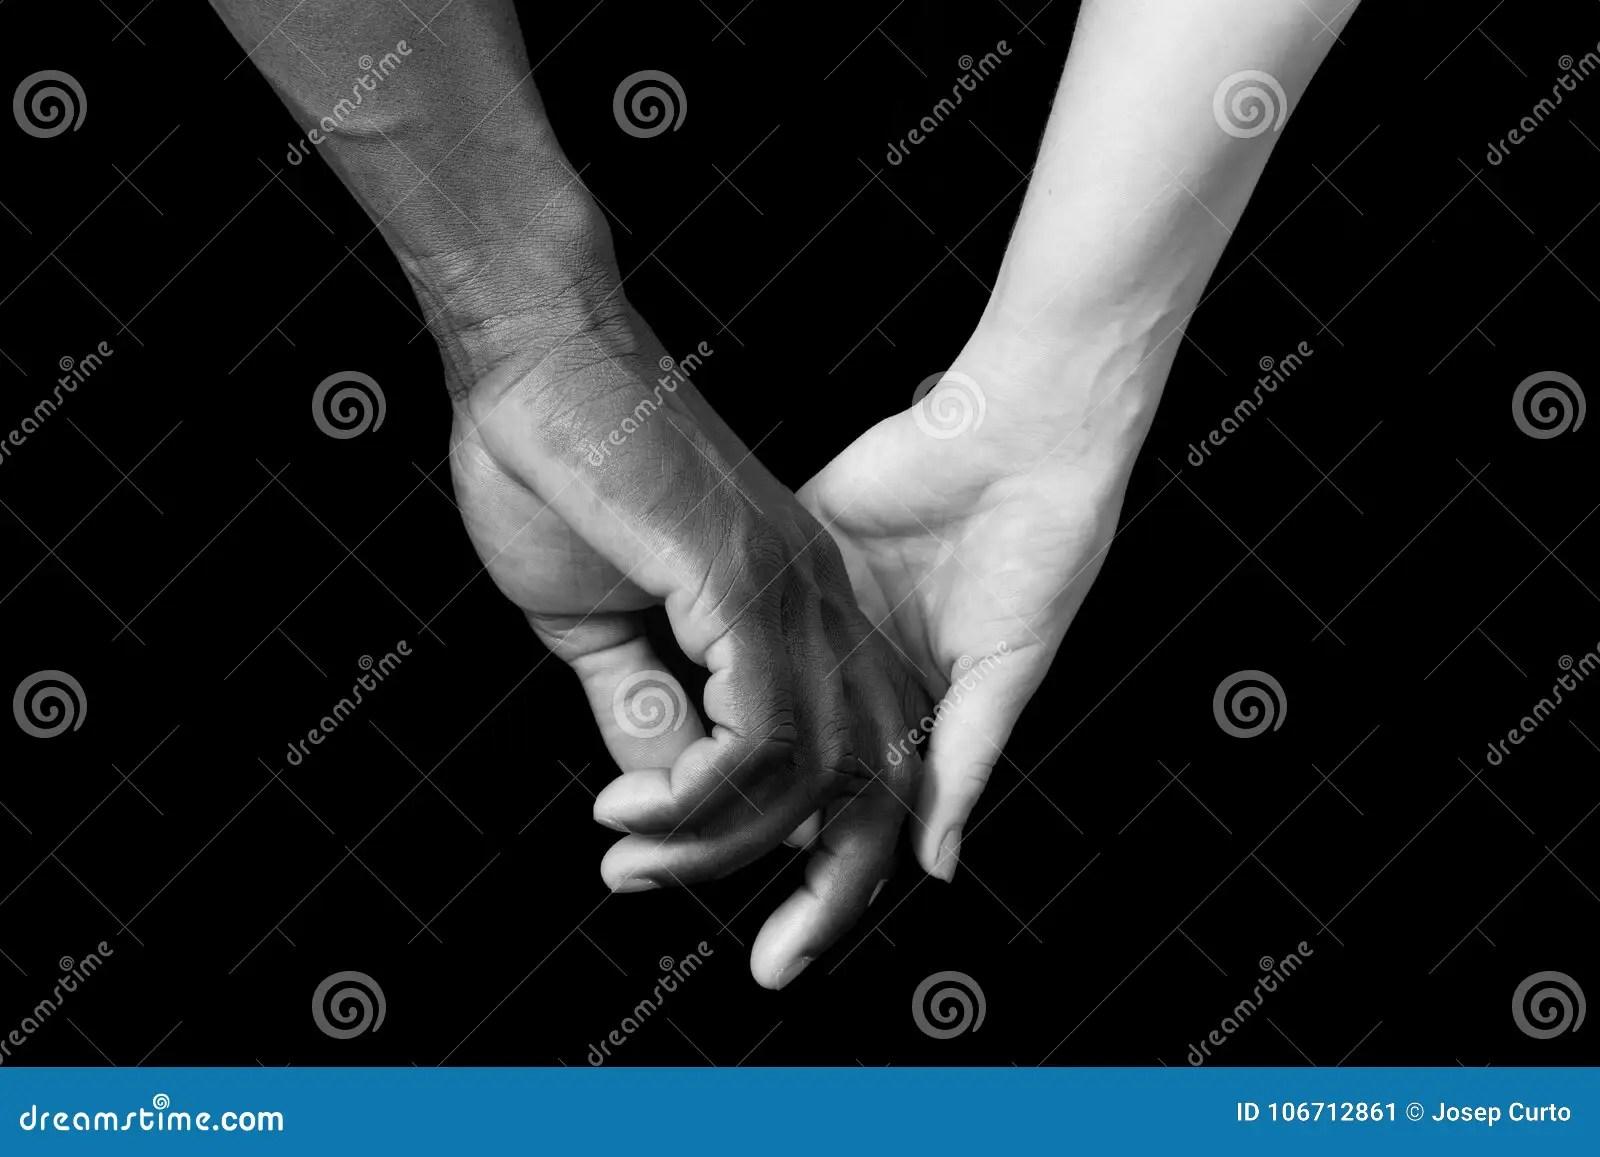 https fr dreamstime com mains d homme couleur femme blanche noir image106712861